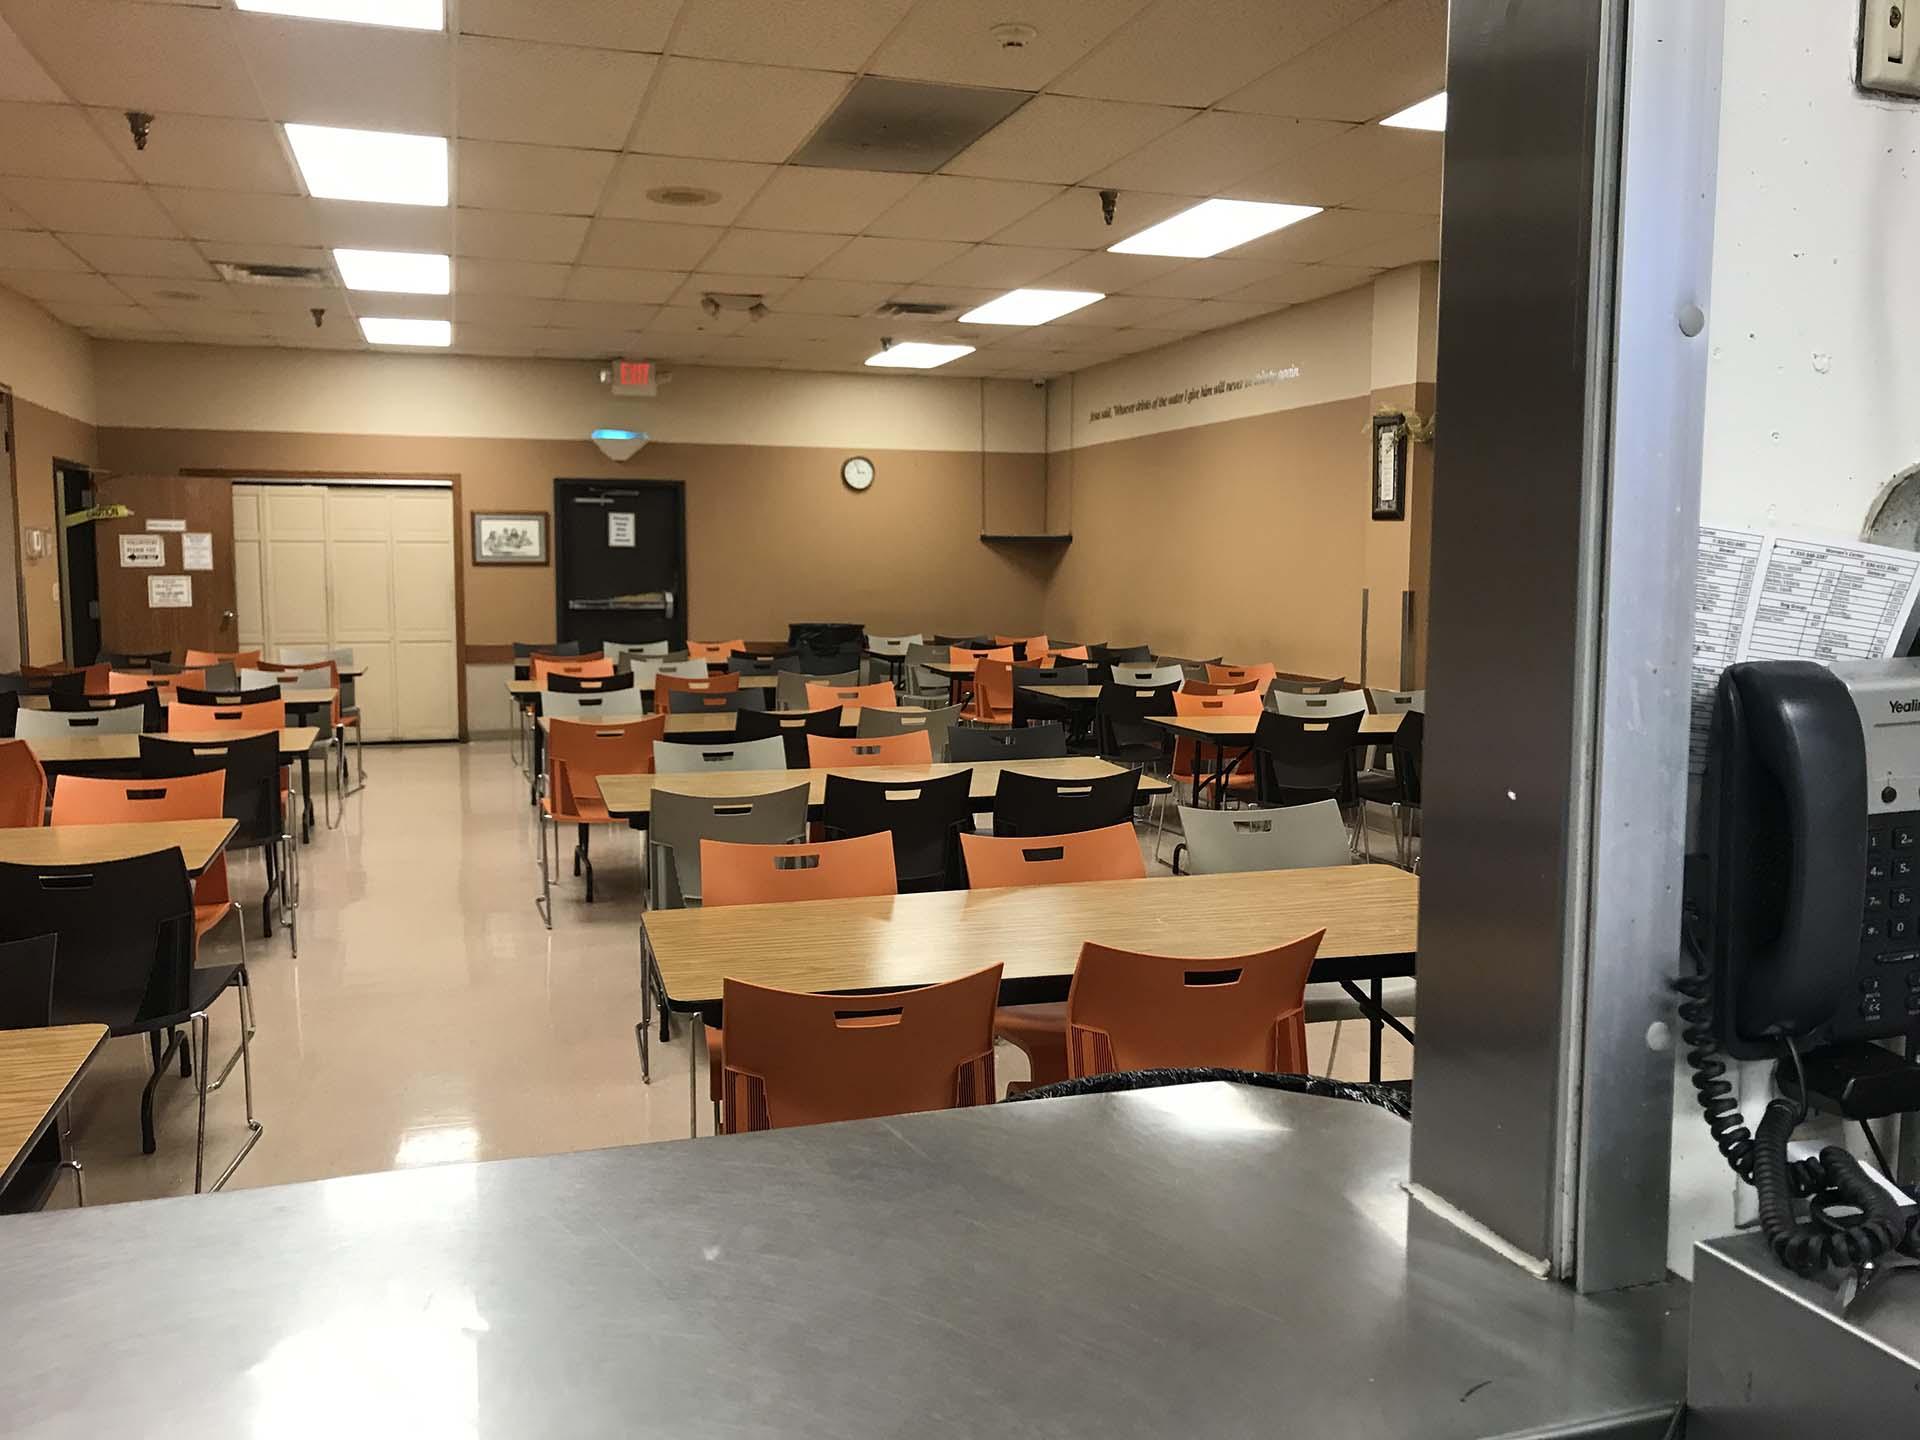 Dining room at Shelter KC